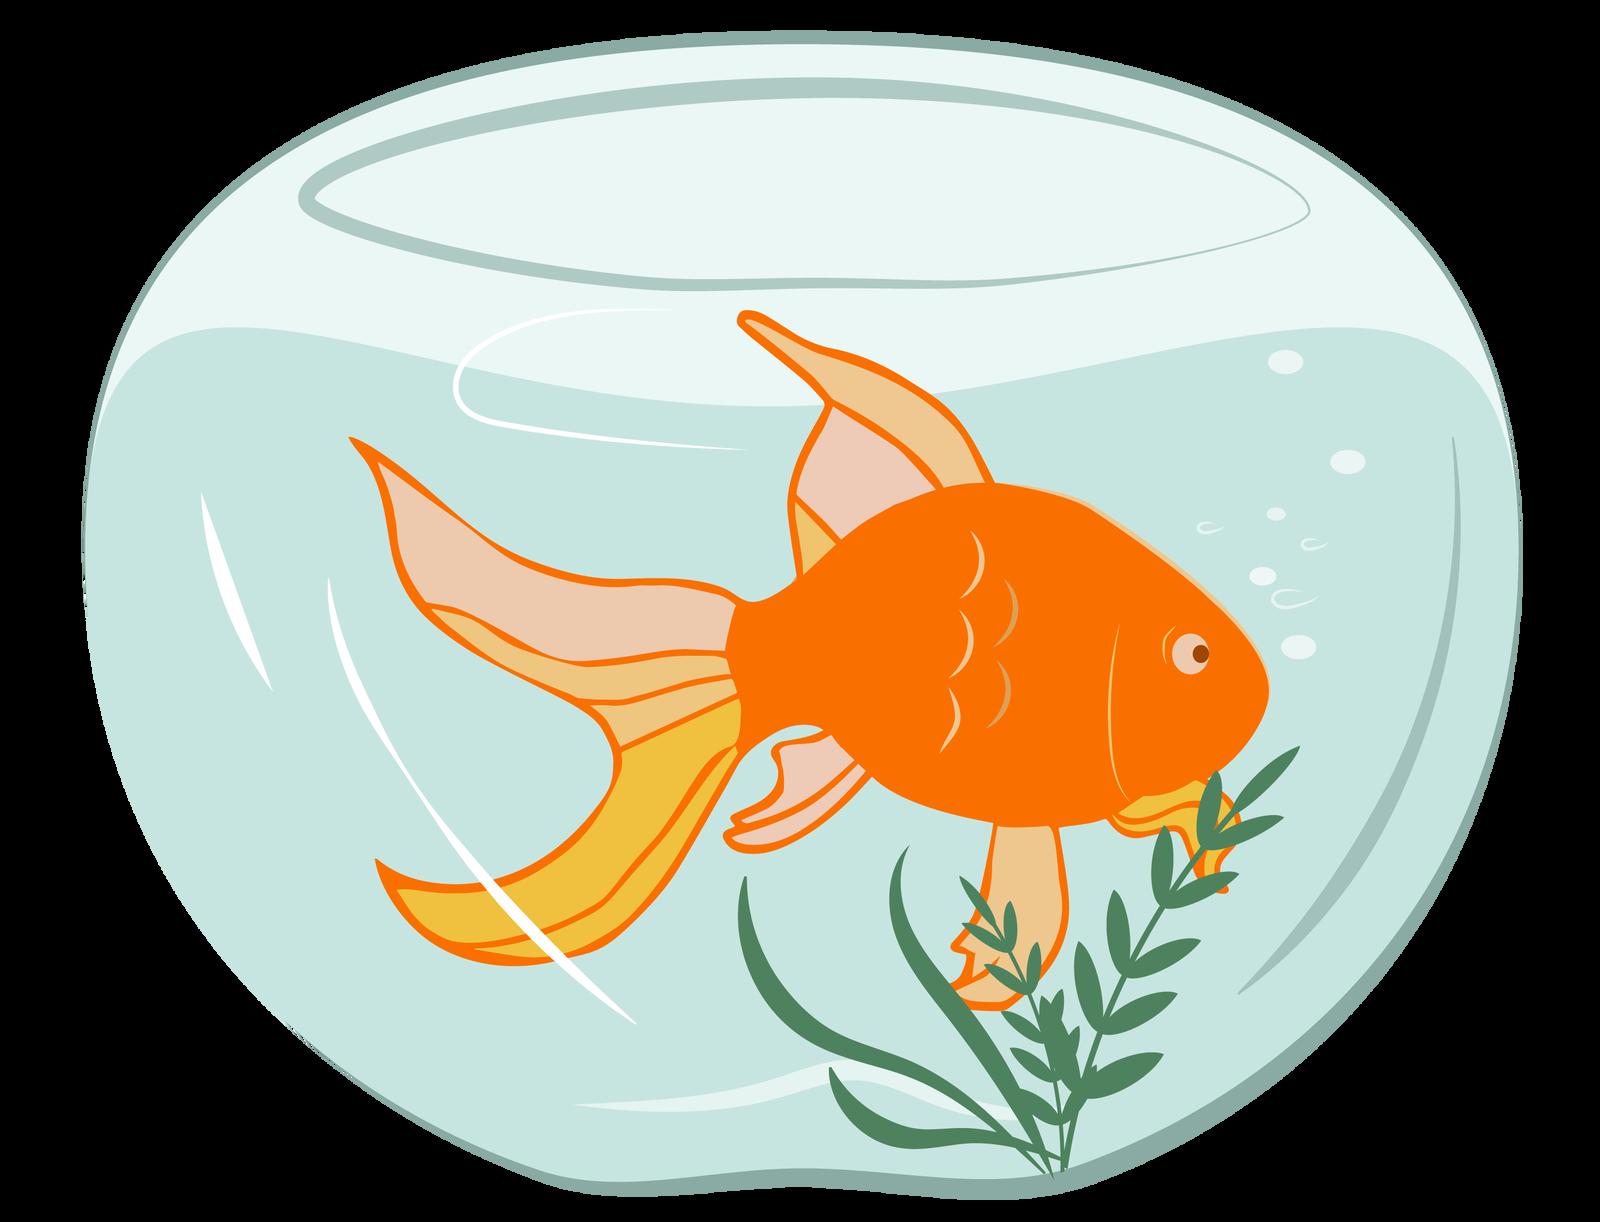 Rysunek - wkulistym akwarium pływa pomarańczowa rybka . Zpyska wylatują jej bańki powietrza, zdna wyrasta roślina.